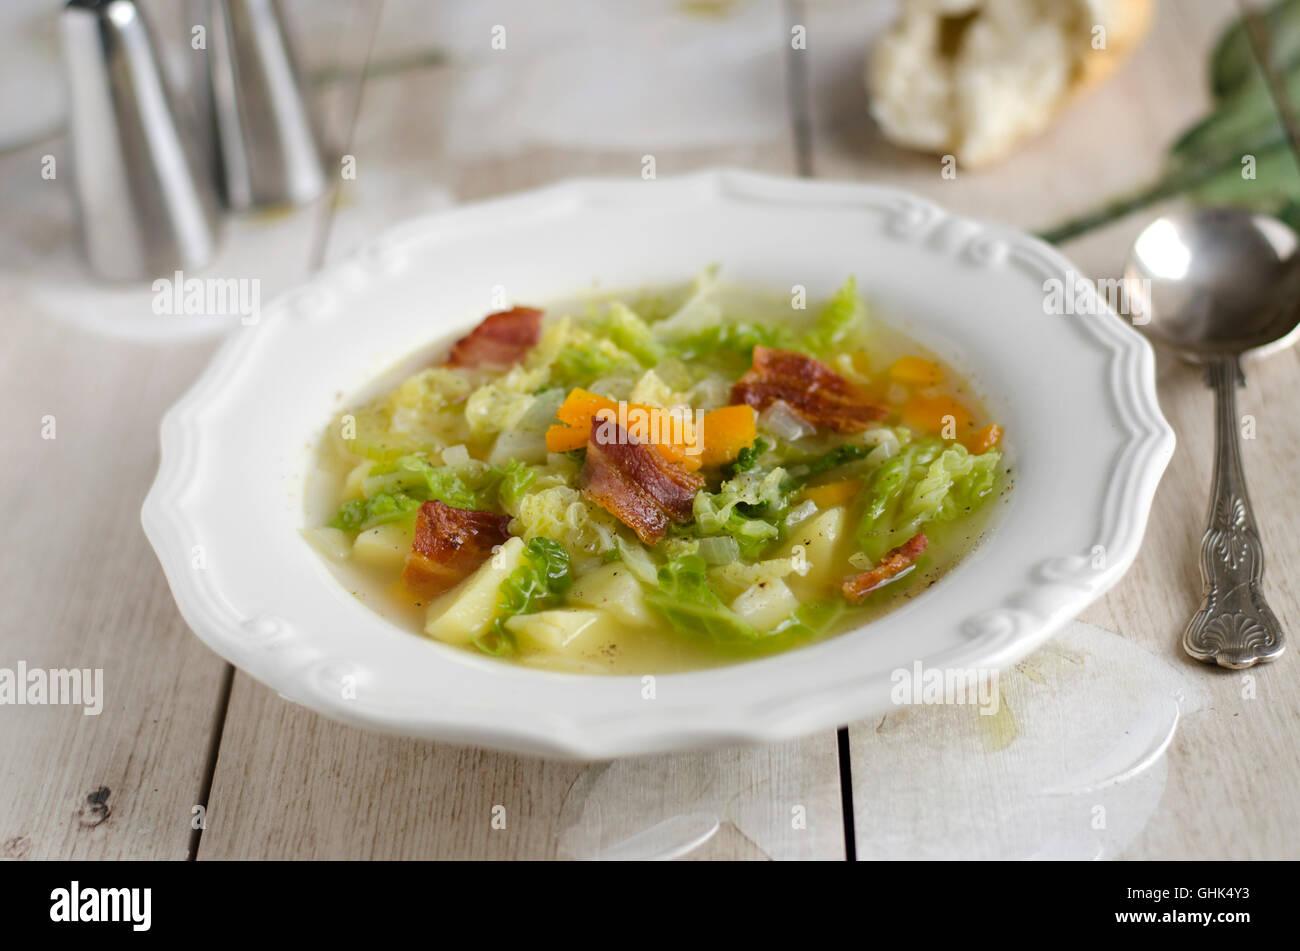 Kartoffel-Savoy Kohl-Suppe mit Speck Stockbild